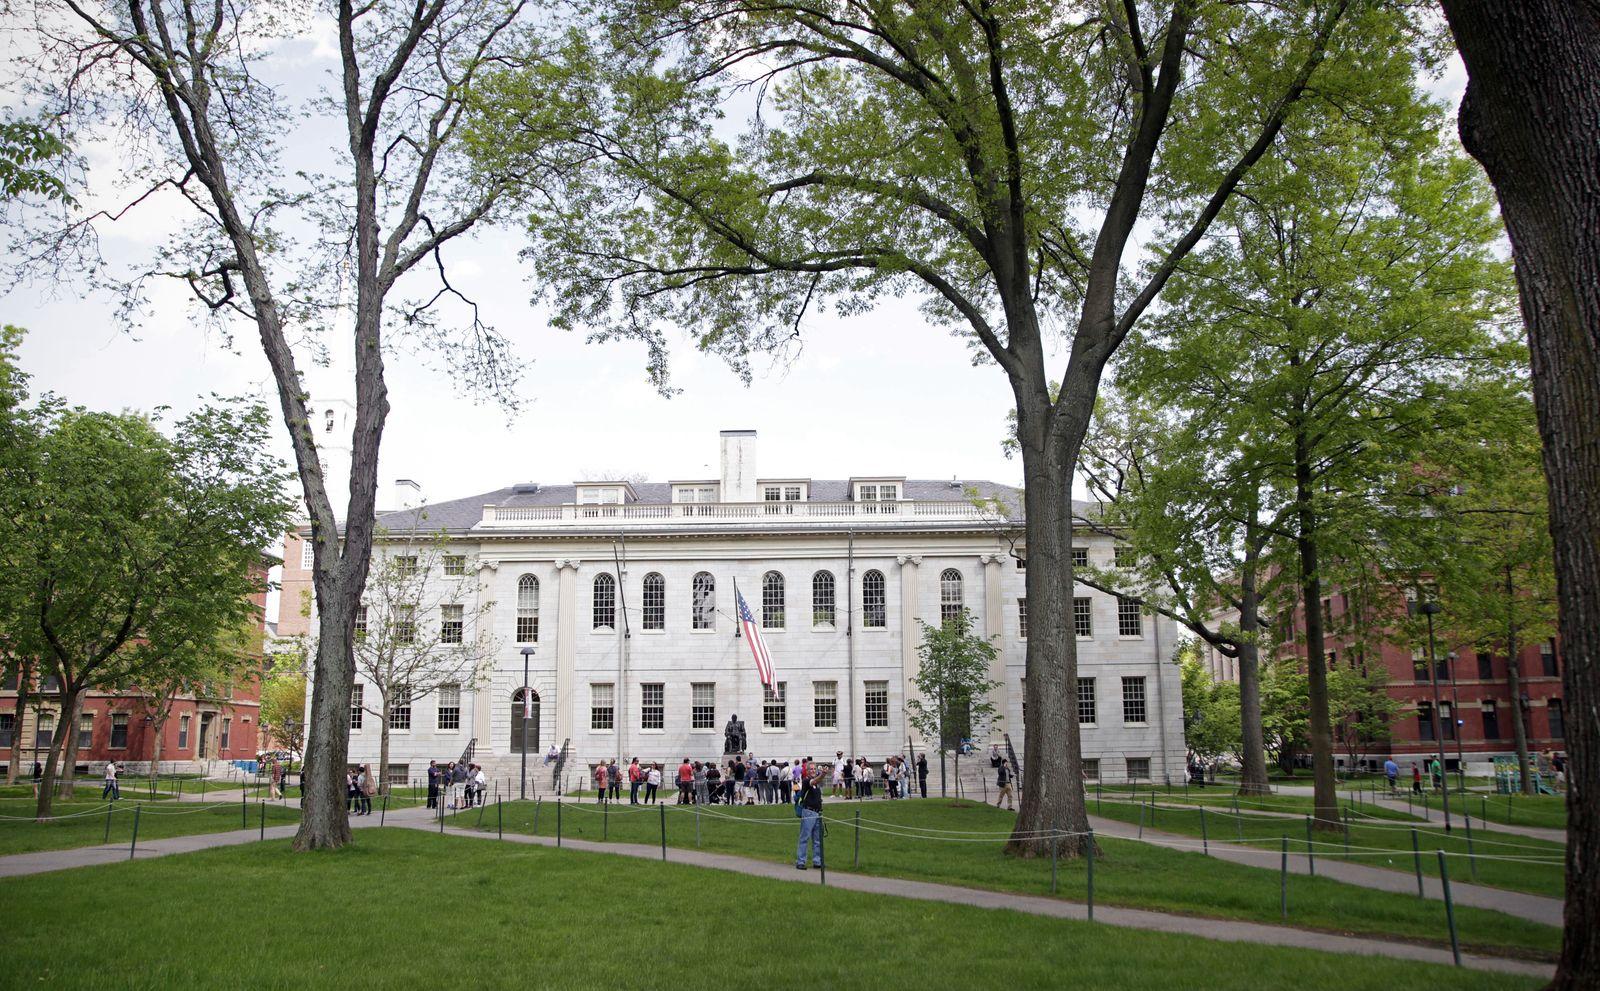 USA BOSTON 20 05 2016 Gel?nde der Harvard University in Boston USA